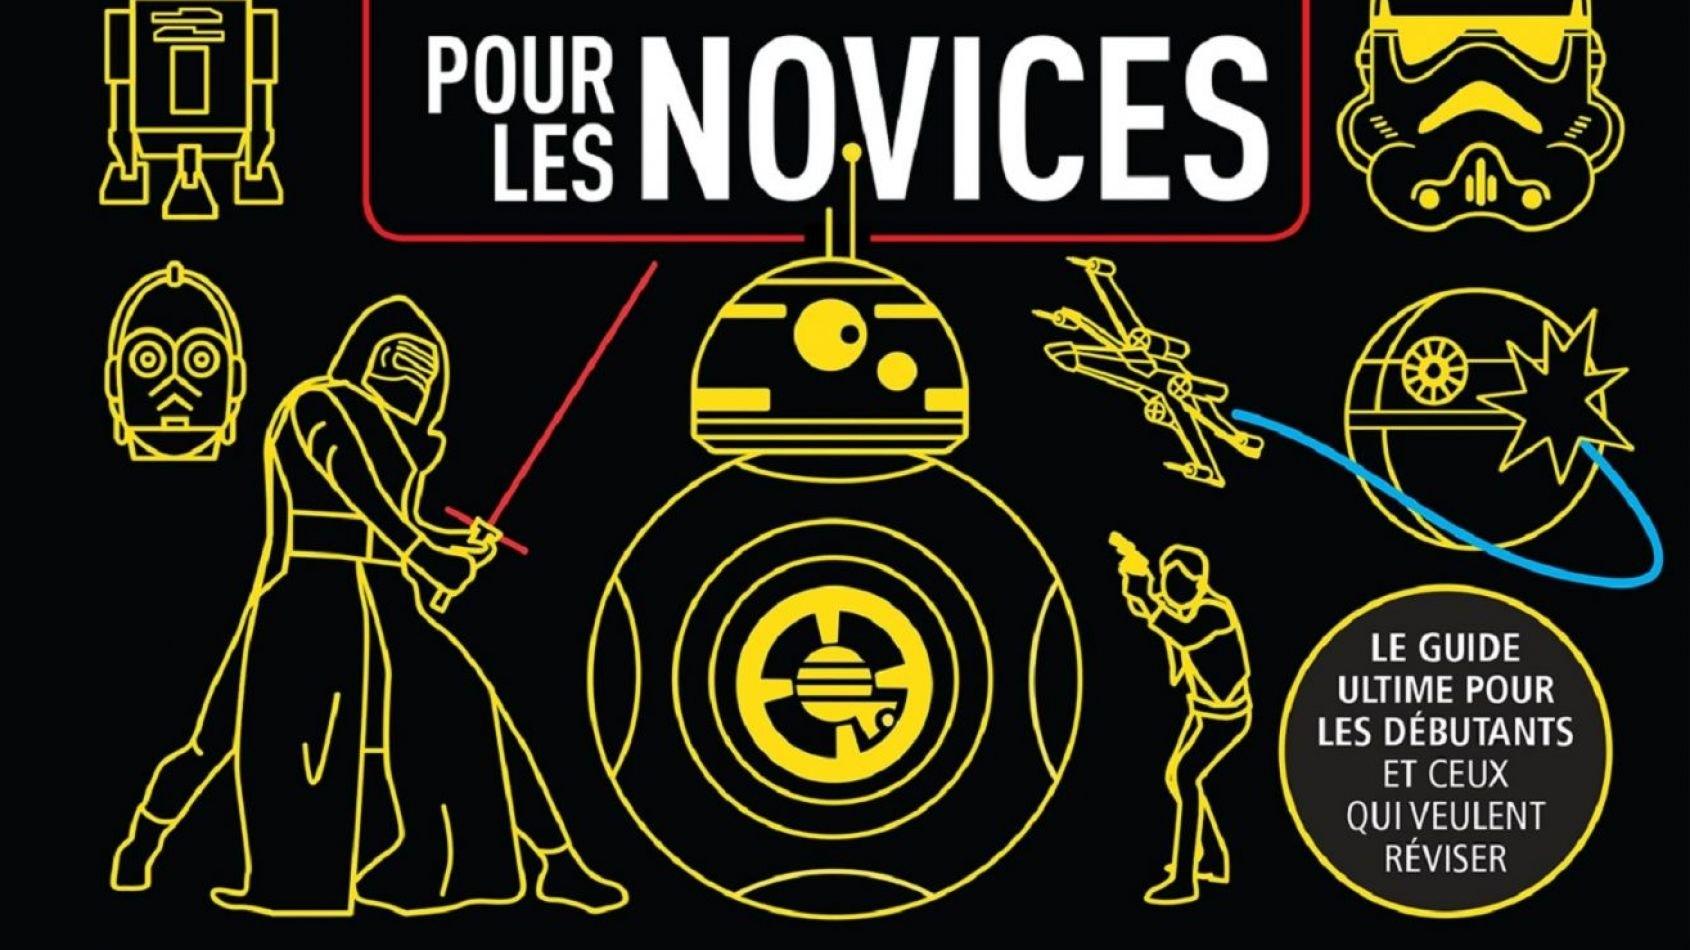 Review : Star Wars pour les Novices